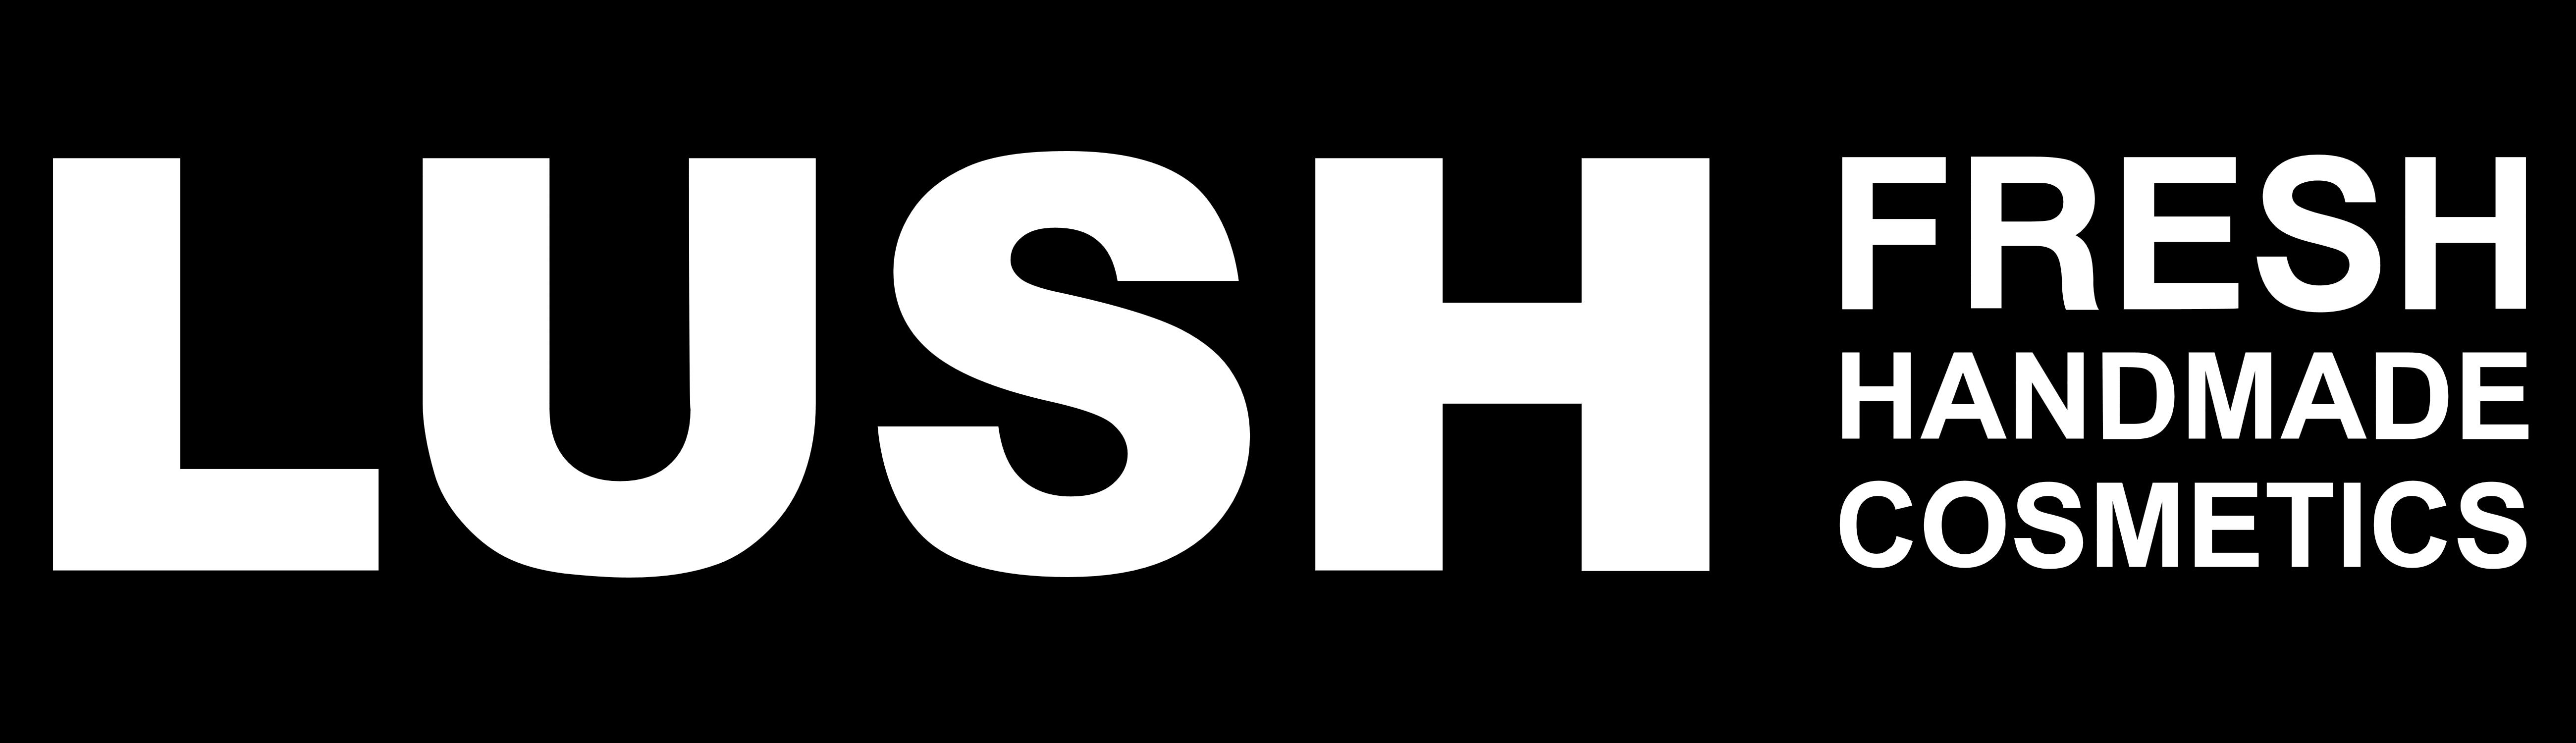 Lush Logos Download